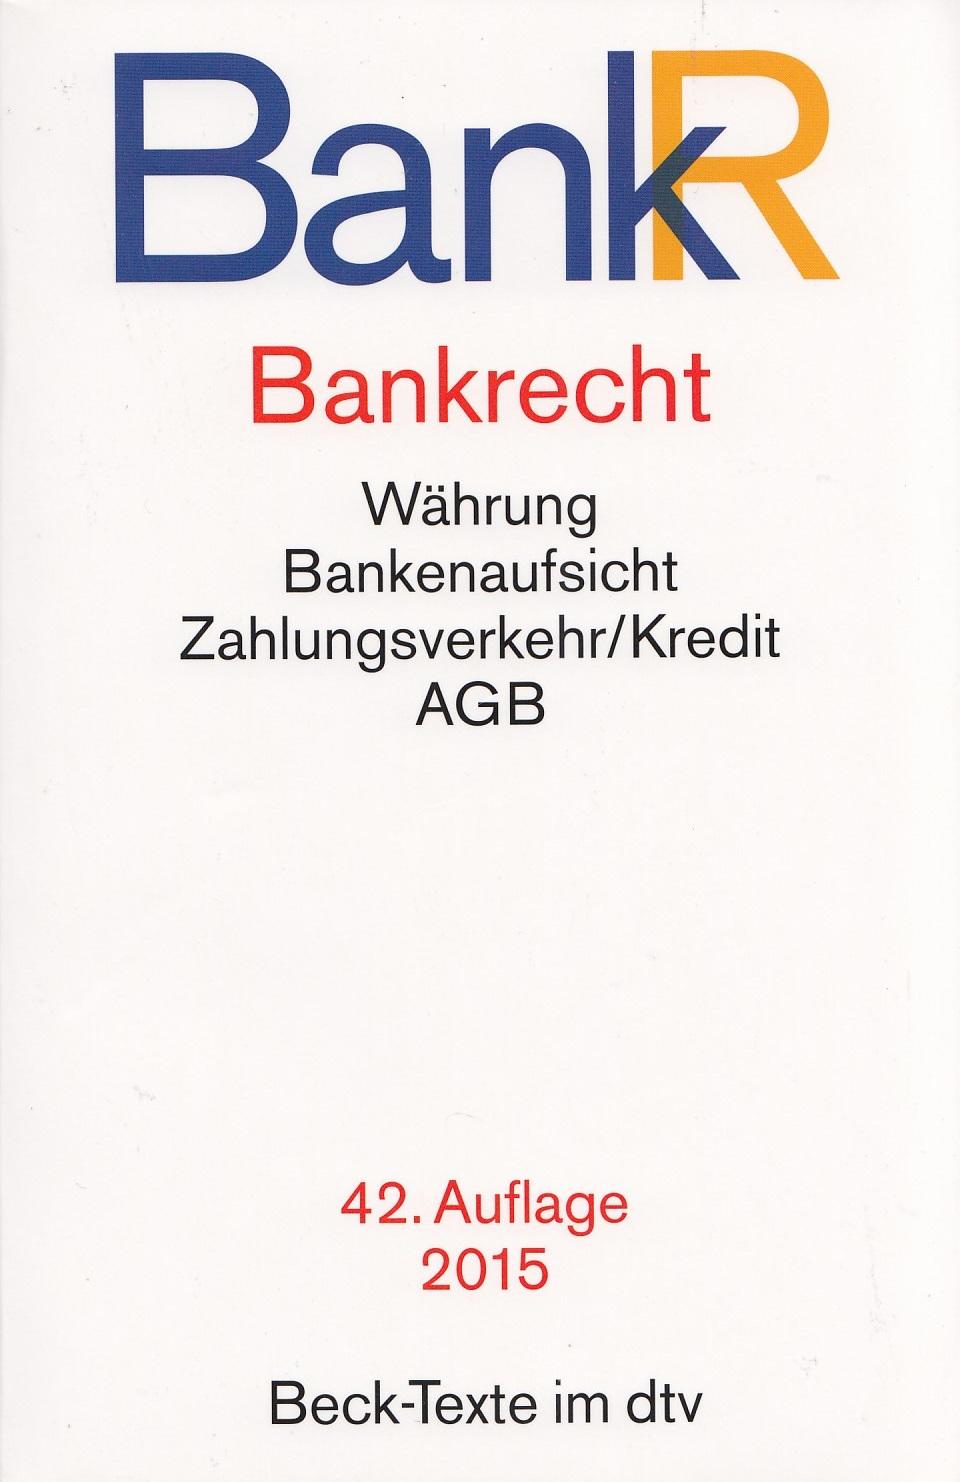 BankR - Bankrecht: Währung, Bankenaufsicht, Zah...